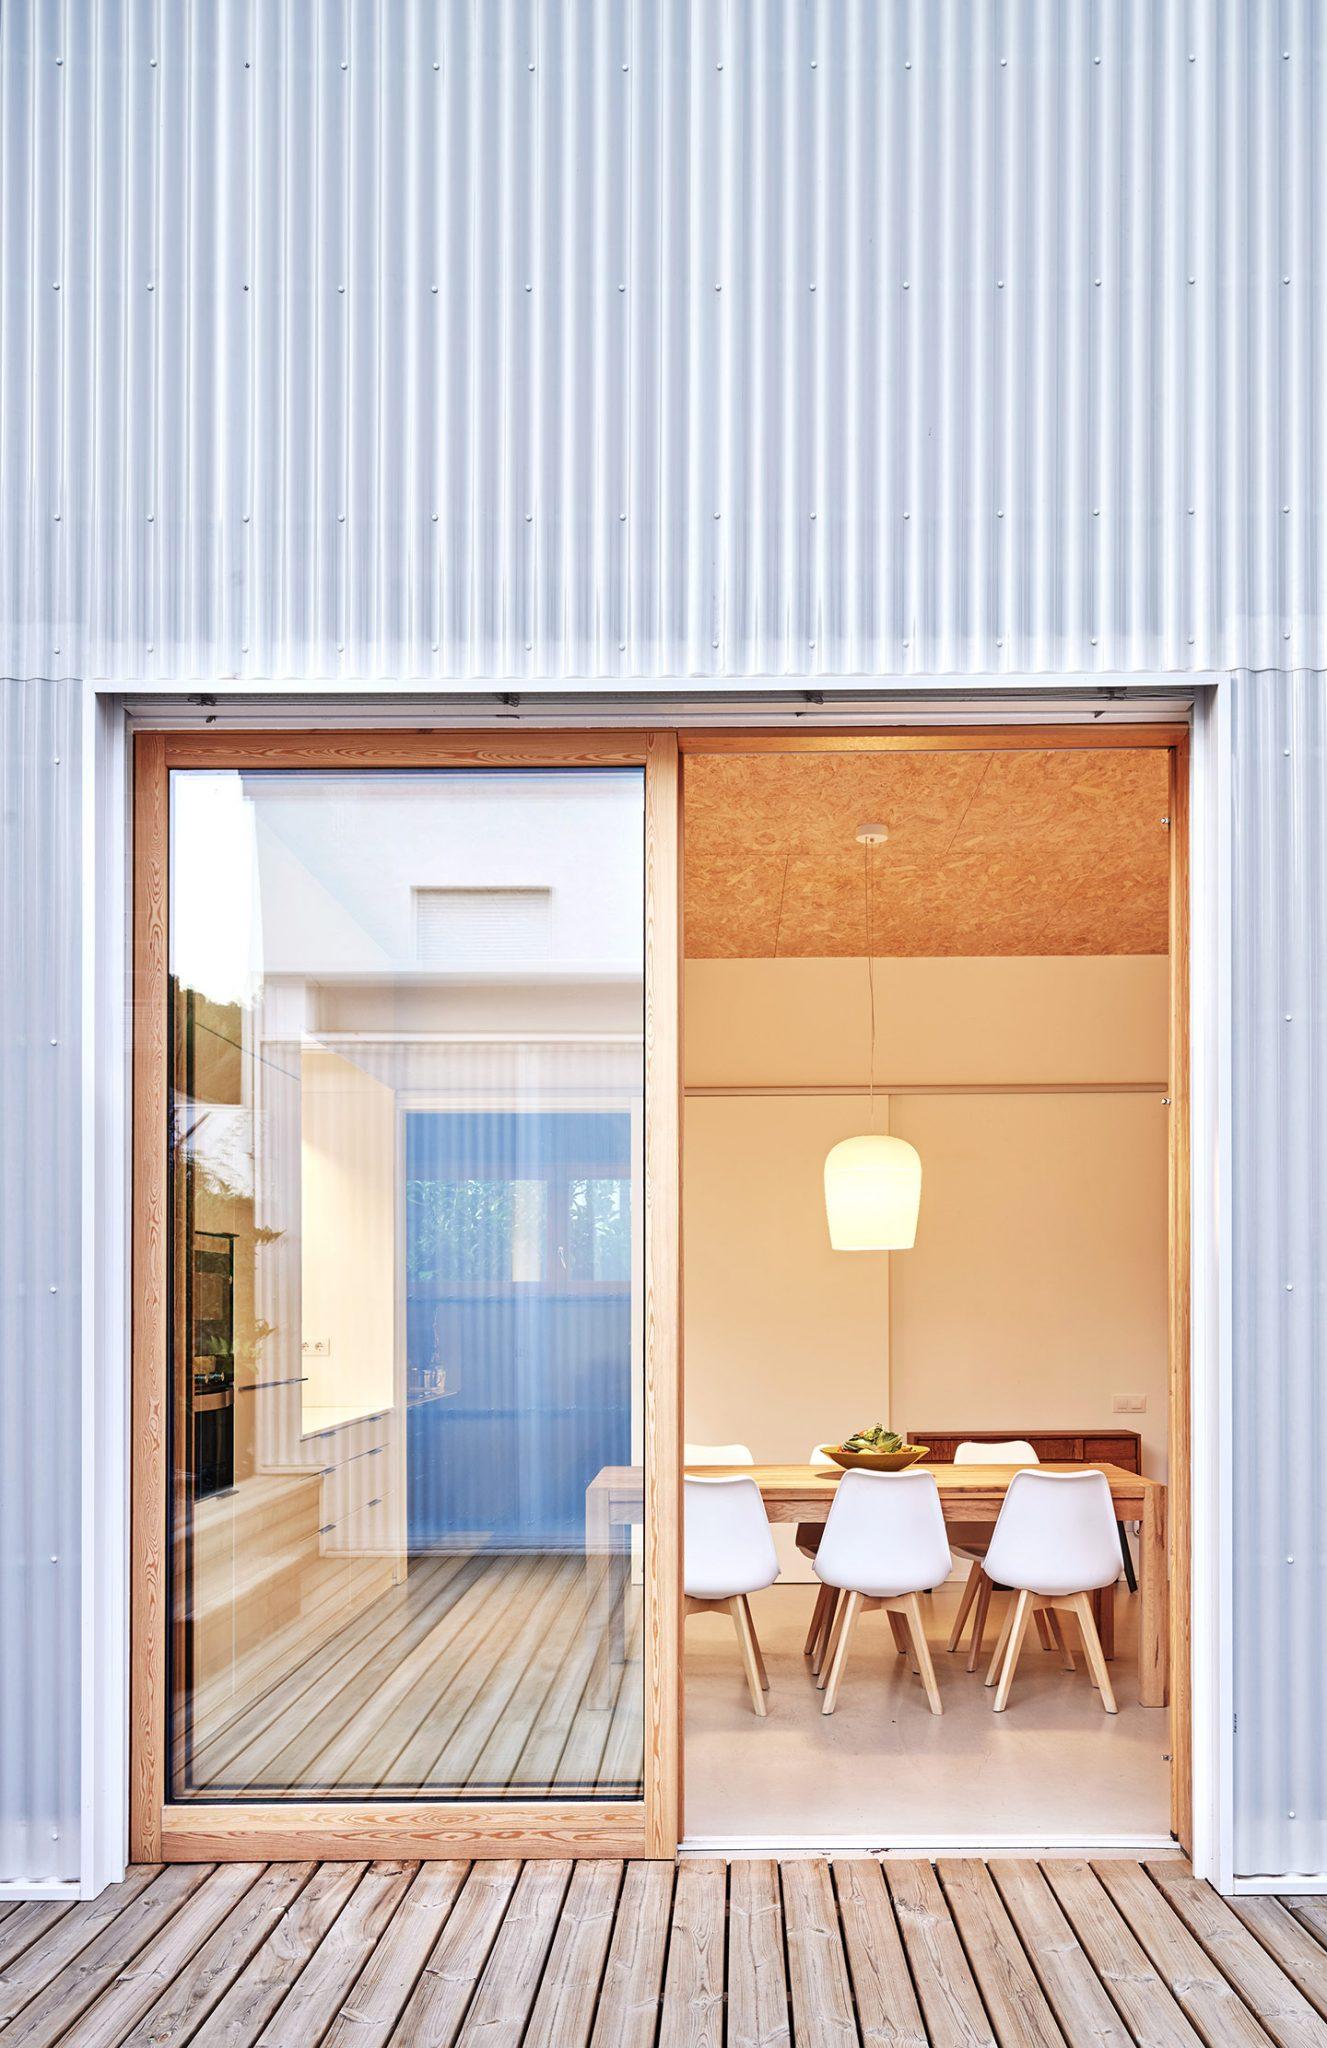 menjador desde la façana argentona casa passiva papik cases passives catalunya casa biopassiva casa eficient